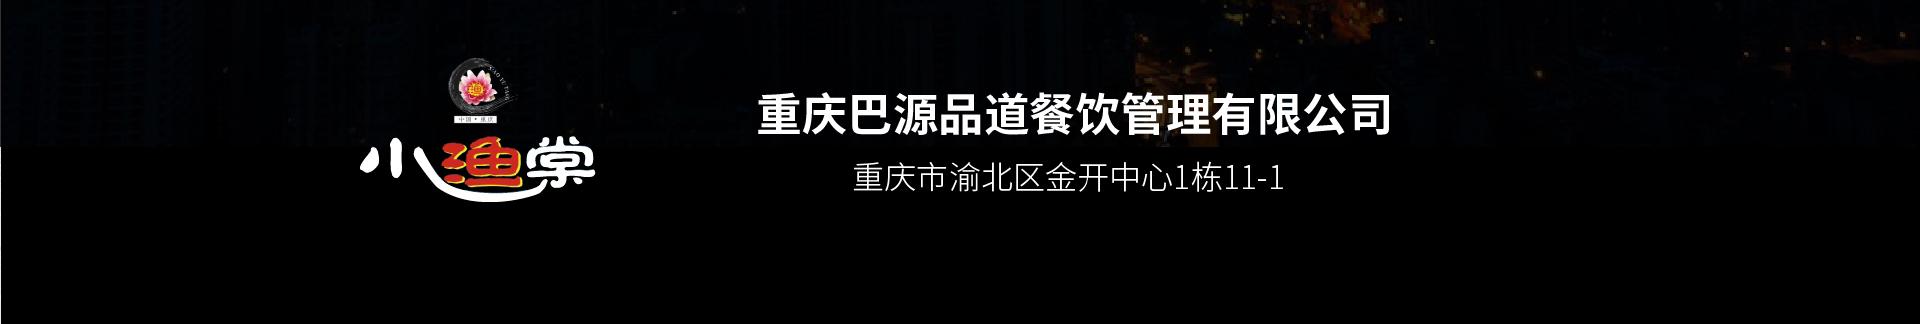 小渔棠鱼火锅xyt_12